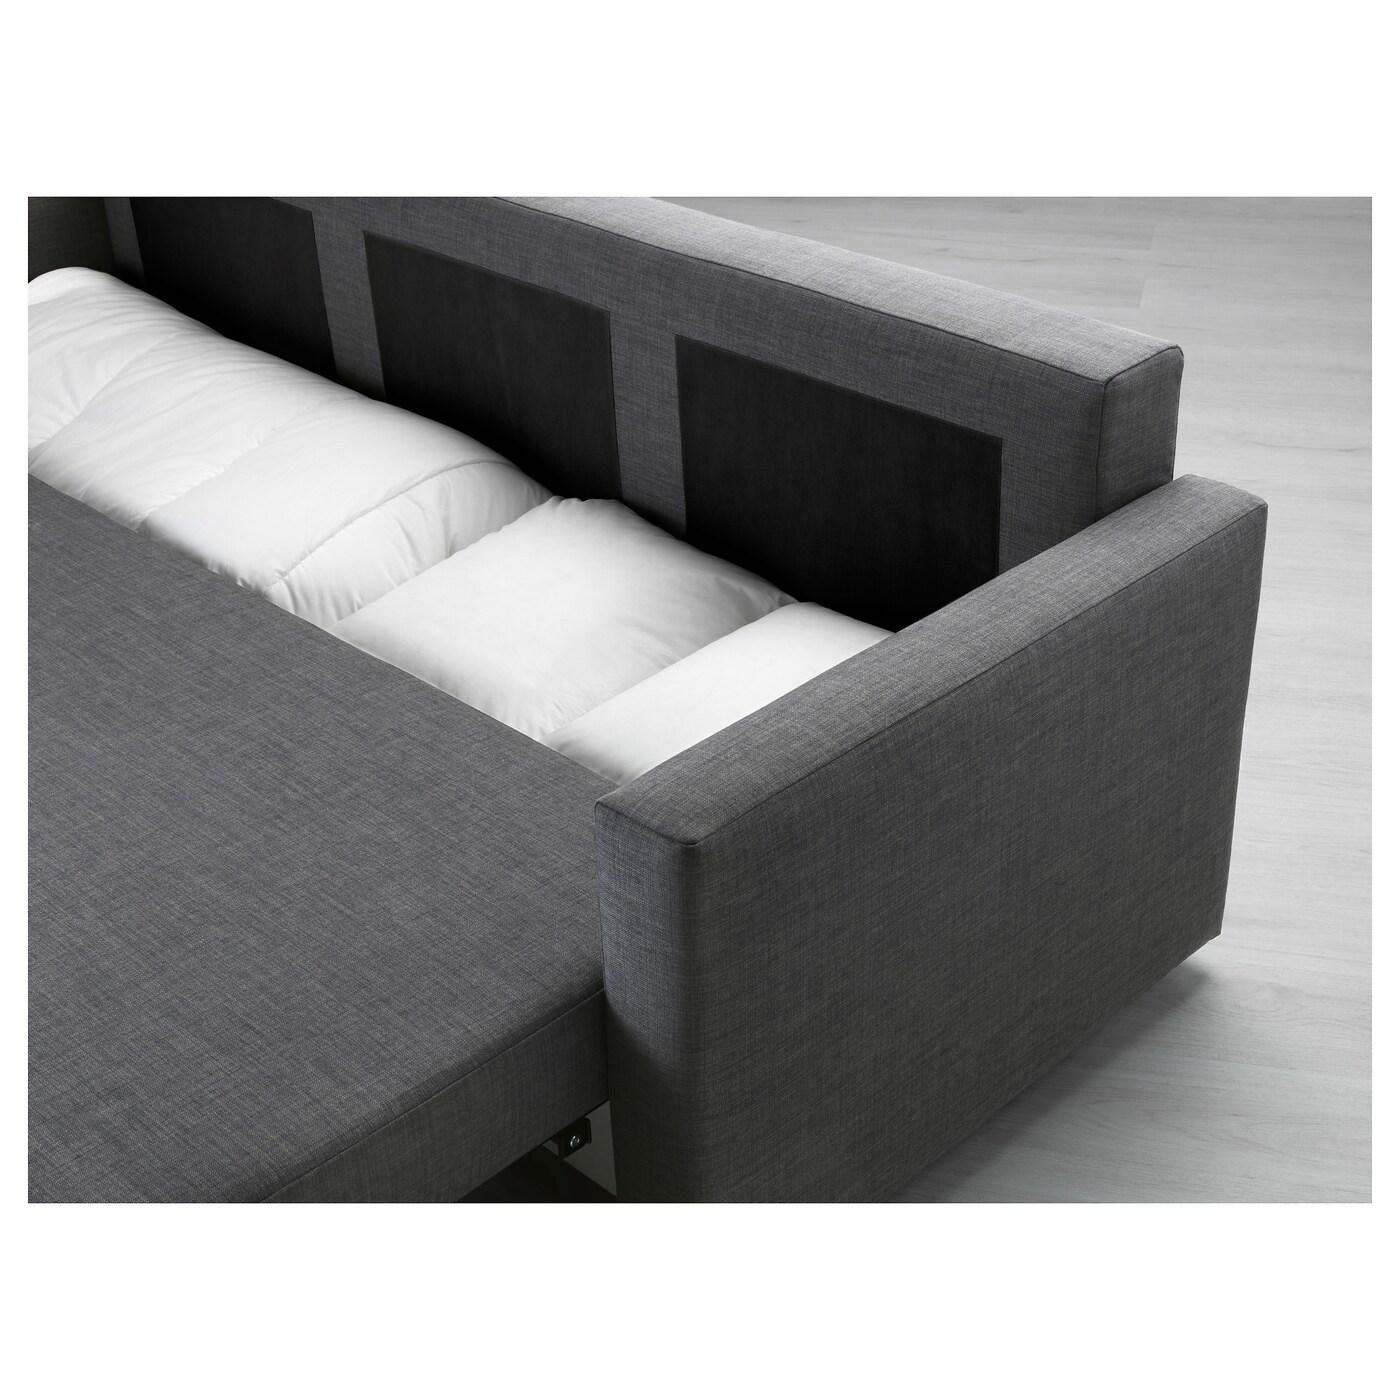 Ikea Friheten Three Seat Sofa Bed Readily Converts Into A